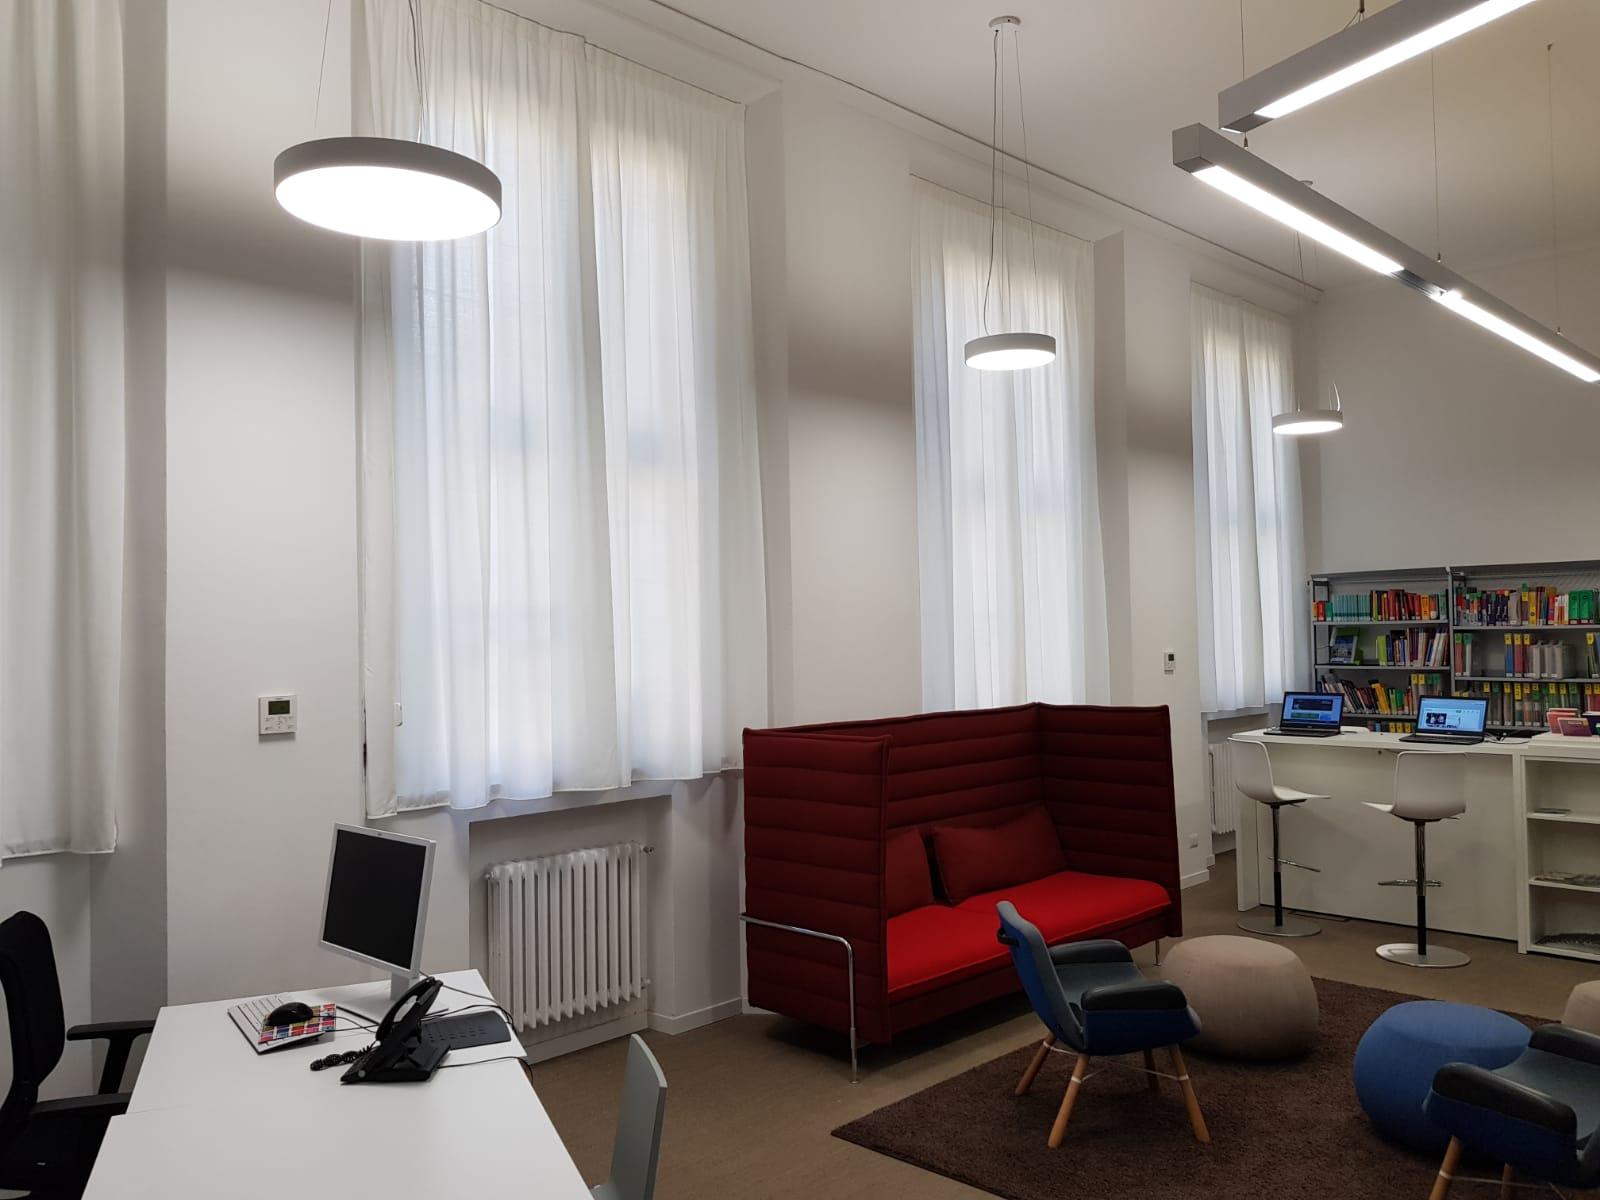 Tende interni Goethe Institut Milano - 2